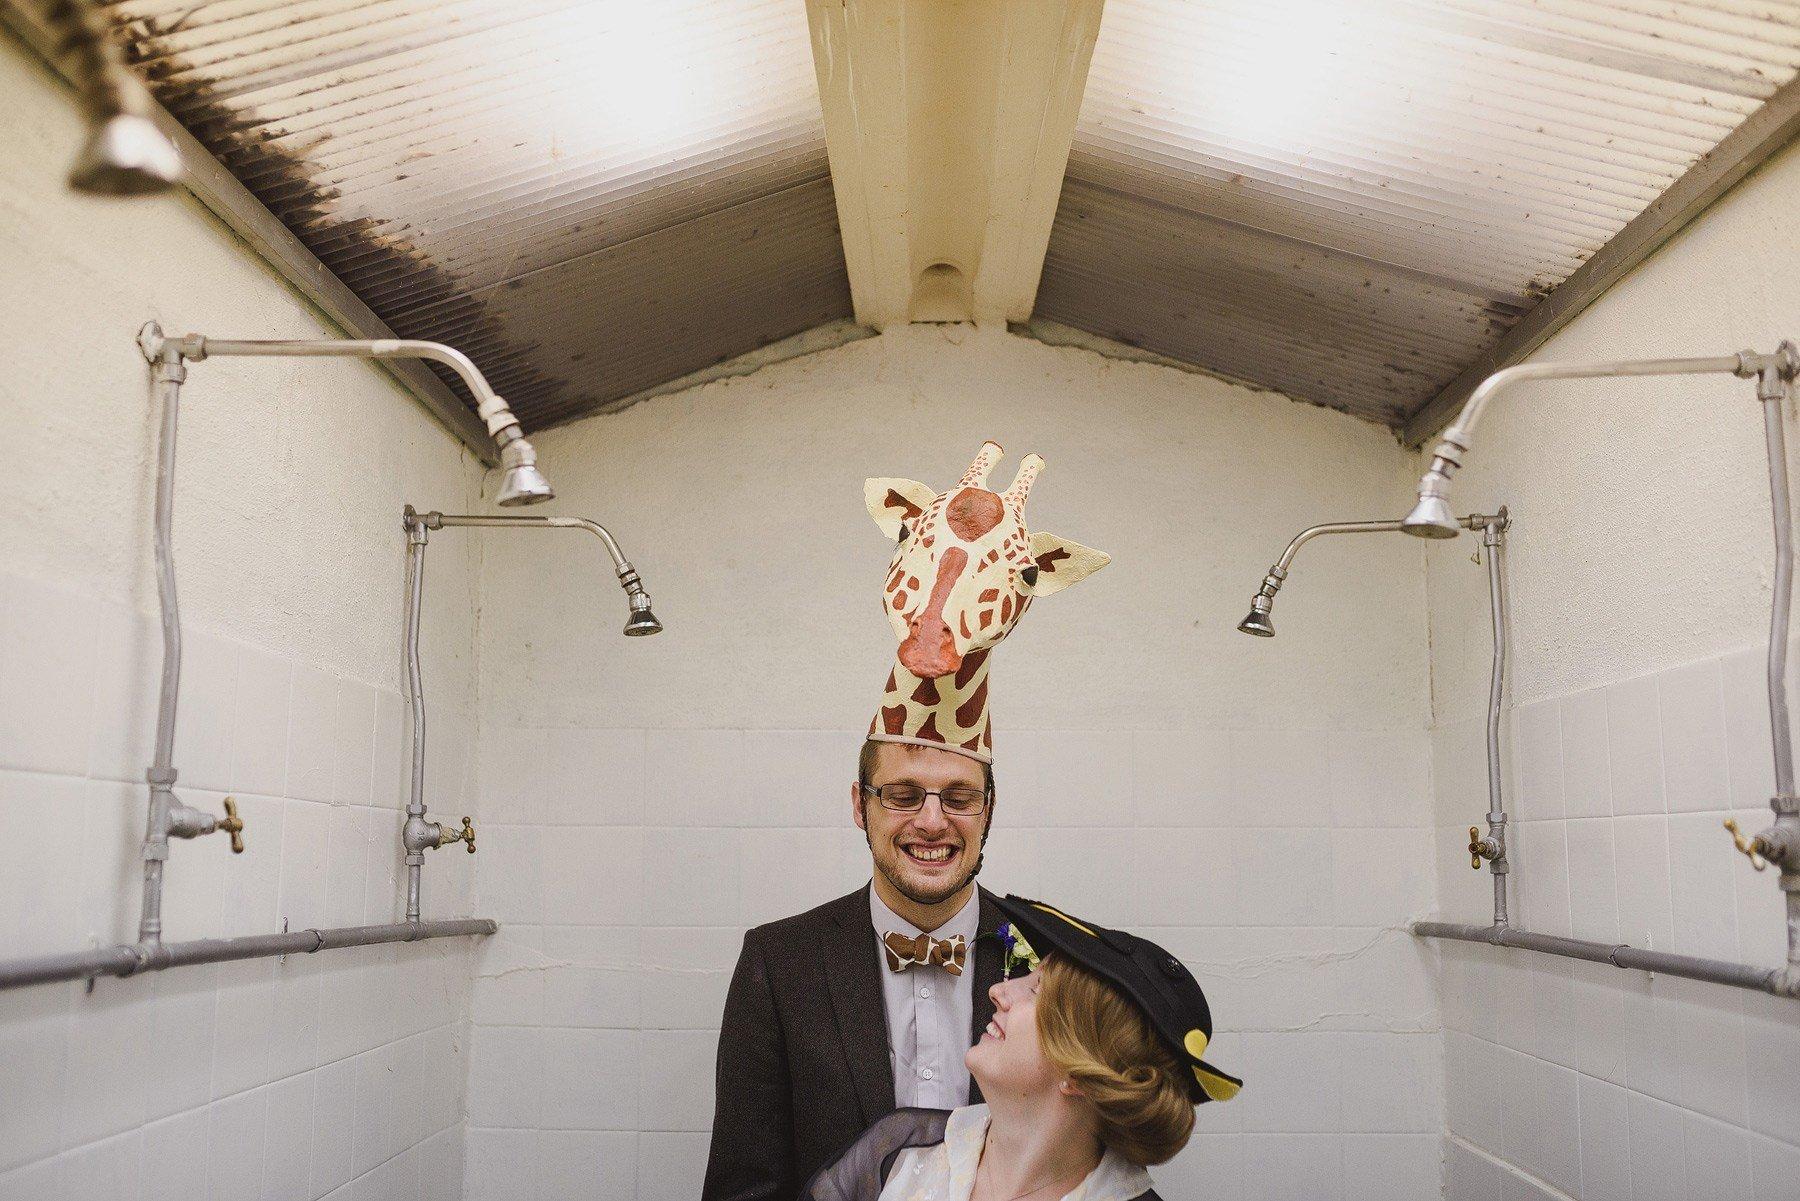 streatham and marlborough cricket club wedding portraits